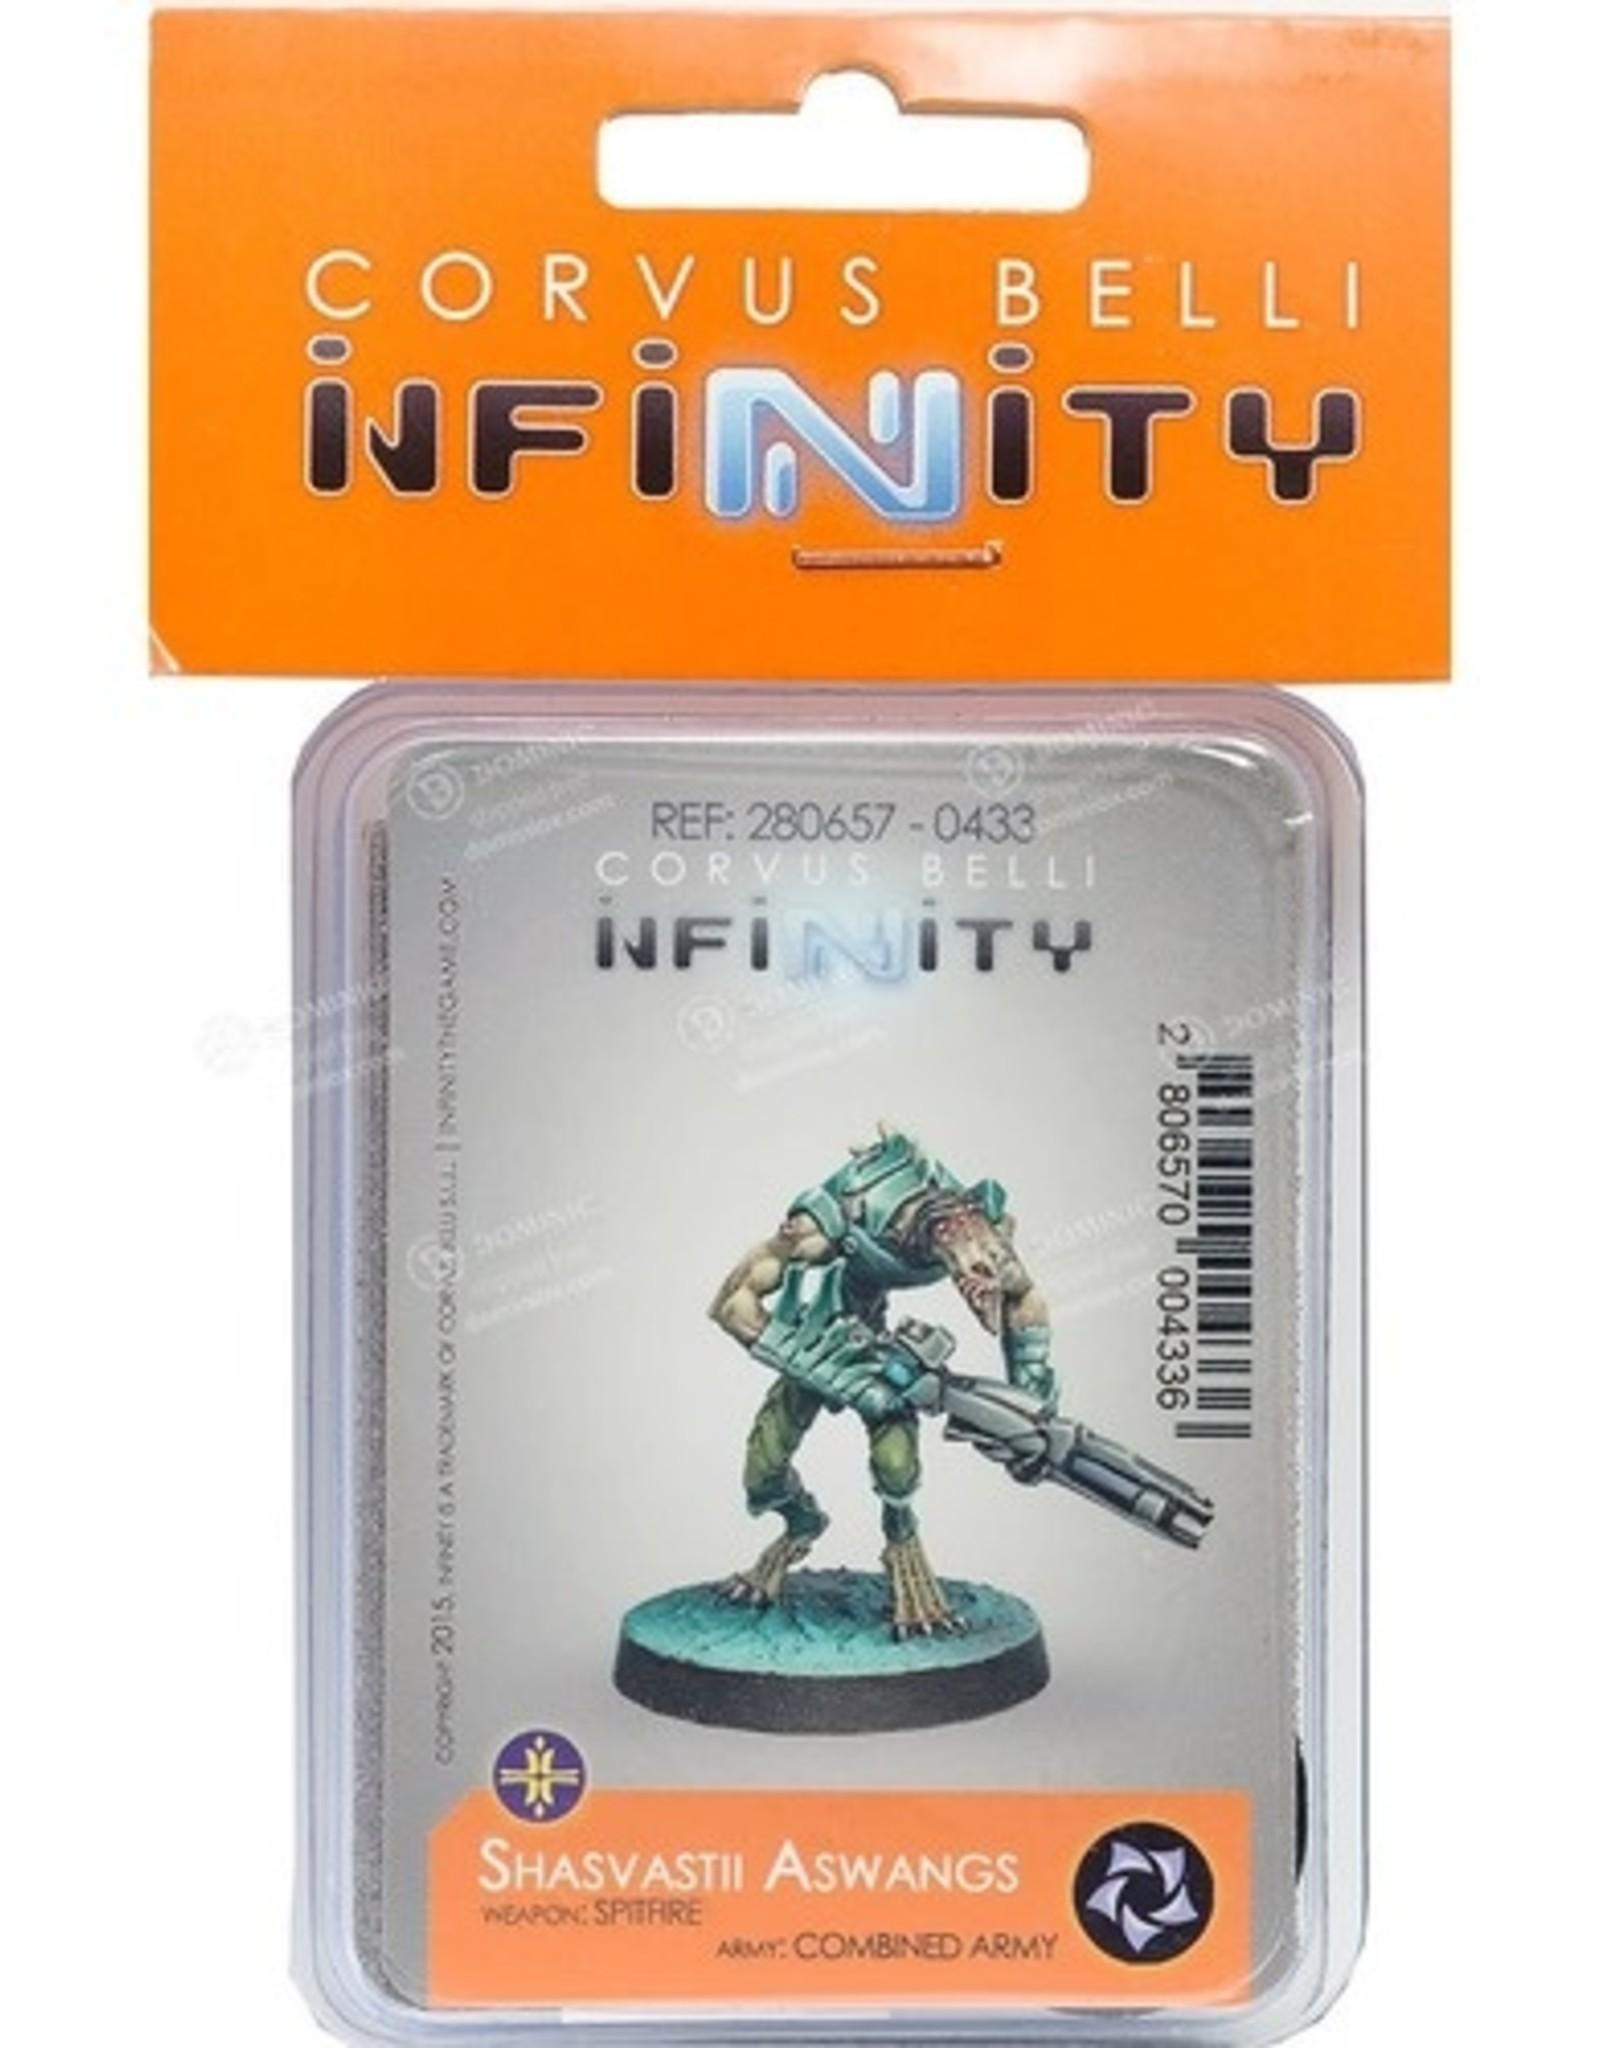 Corvus Belli Aswvangs (Spitfire)